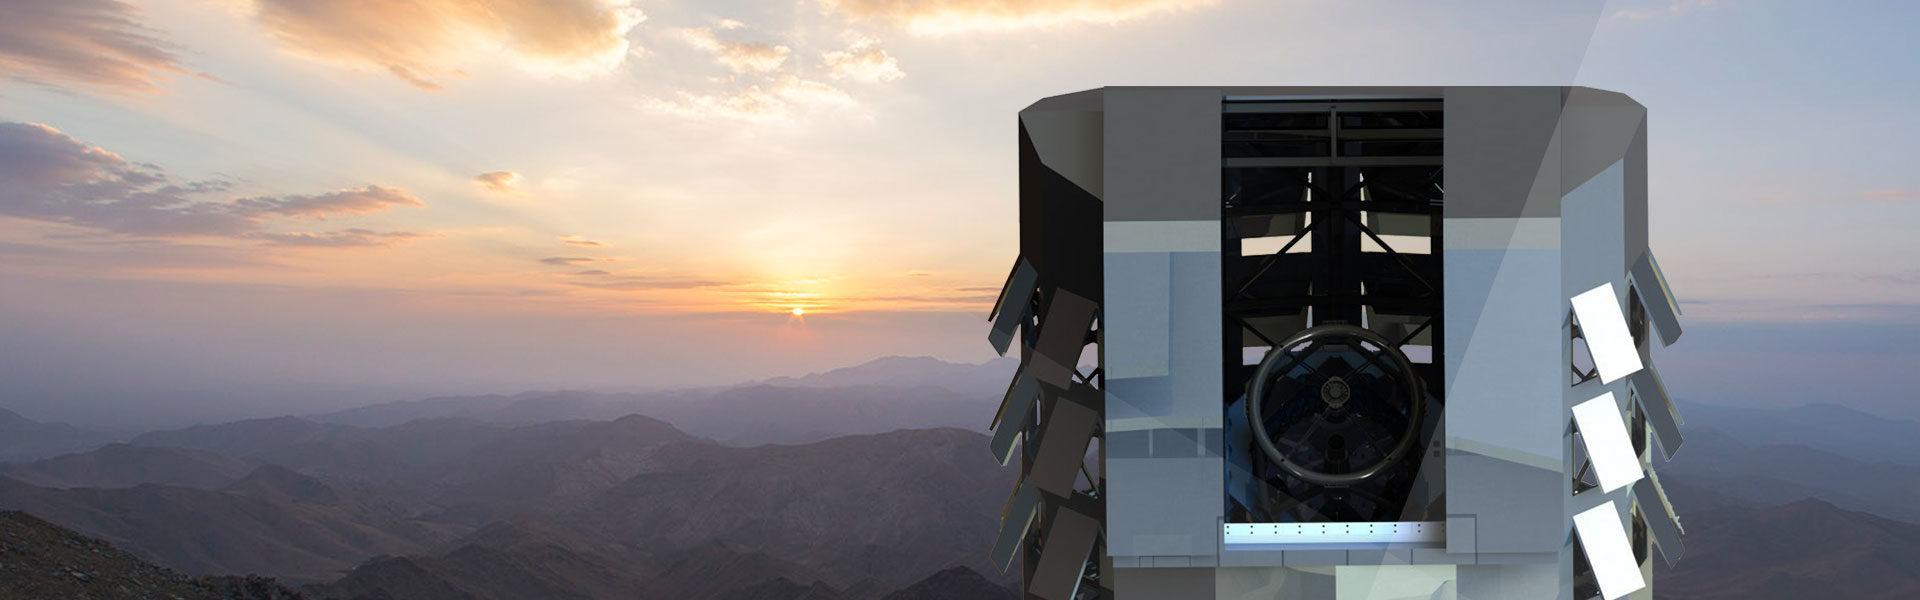 INO340 Telescope